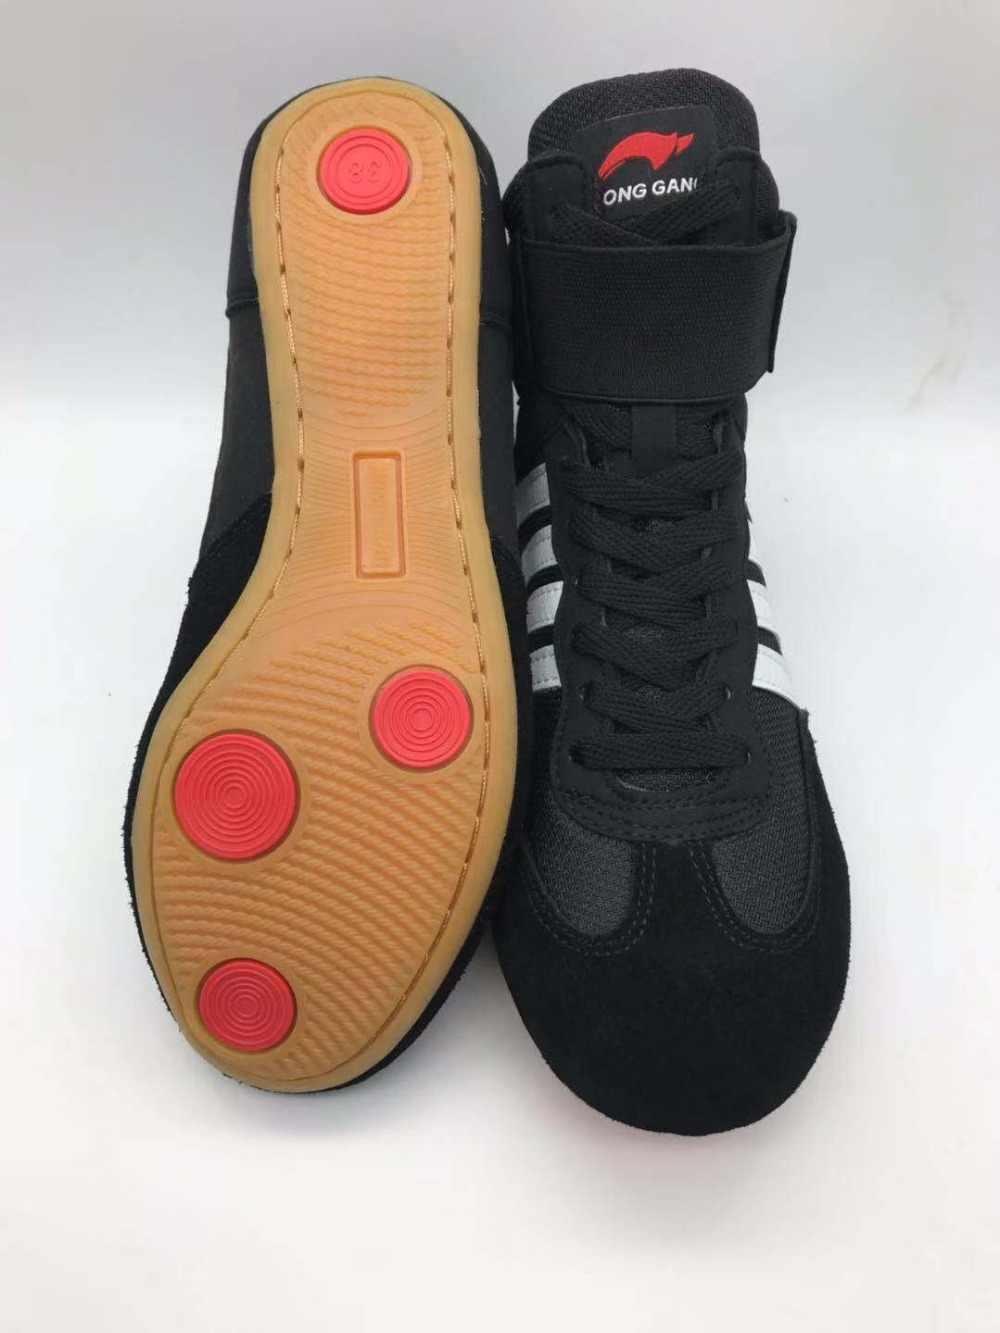 الرجال أحذية مصارعة أحذية مصارعة عالية المطاط تسولي تنفس برو المصارعة والعتاد للرجال والنساء Boxeo